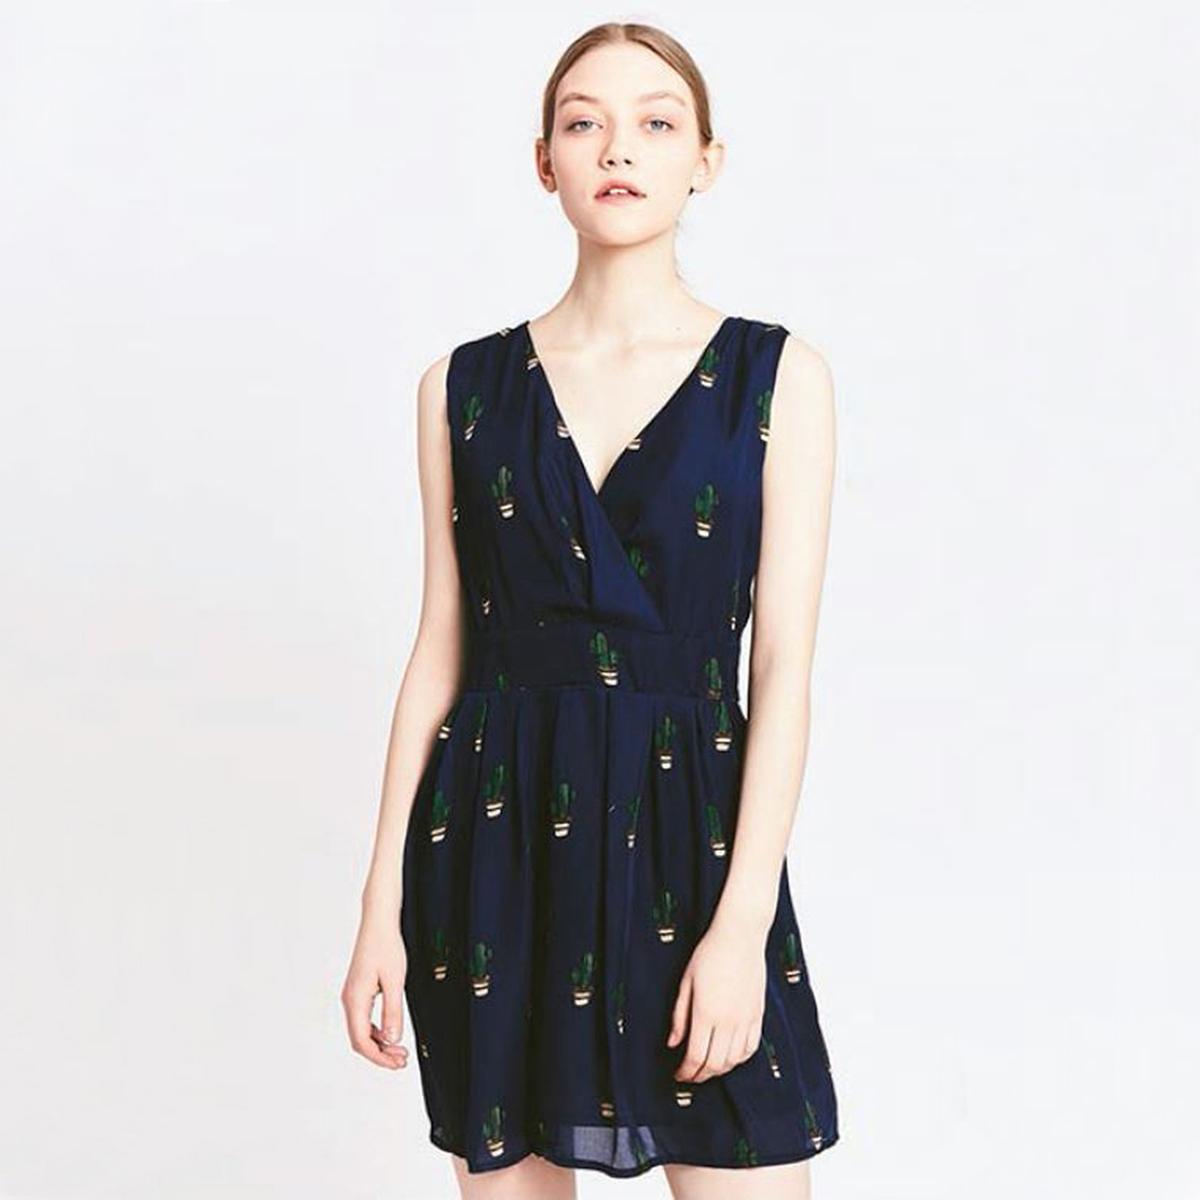 Платье короткое без рукавовДетали •  Форма : расклешенная •  короткое  •  Без рукавов     •   V-образный вырез •  Рисунок-принтСостав и уход •  100% полиэстер  •  Следуйте советам по уходу, указанным на этикетке<br><br>Цвет: рисунок темно-синий